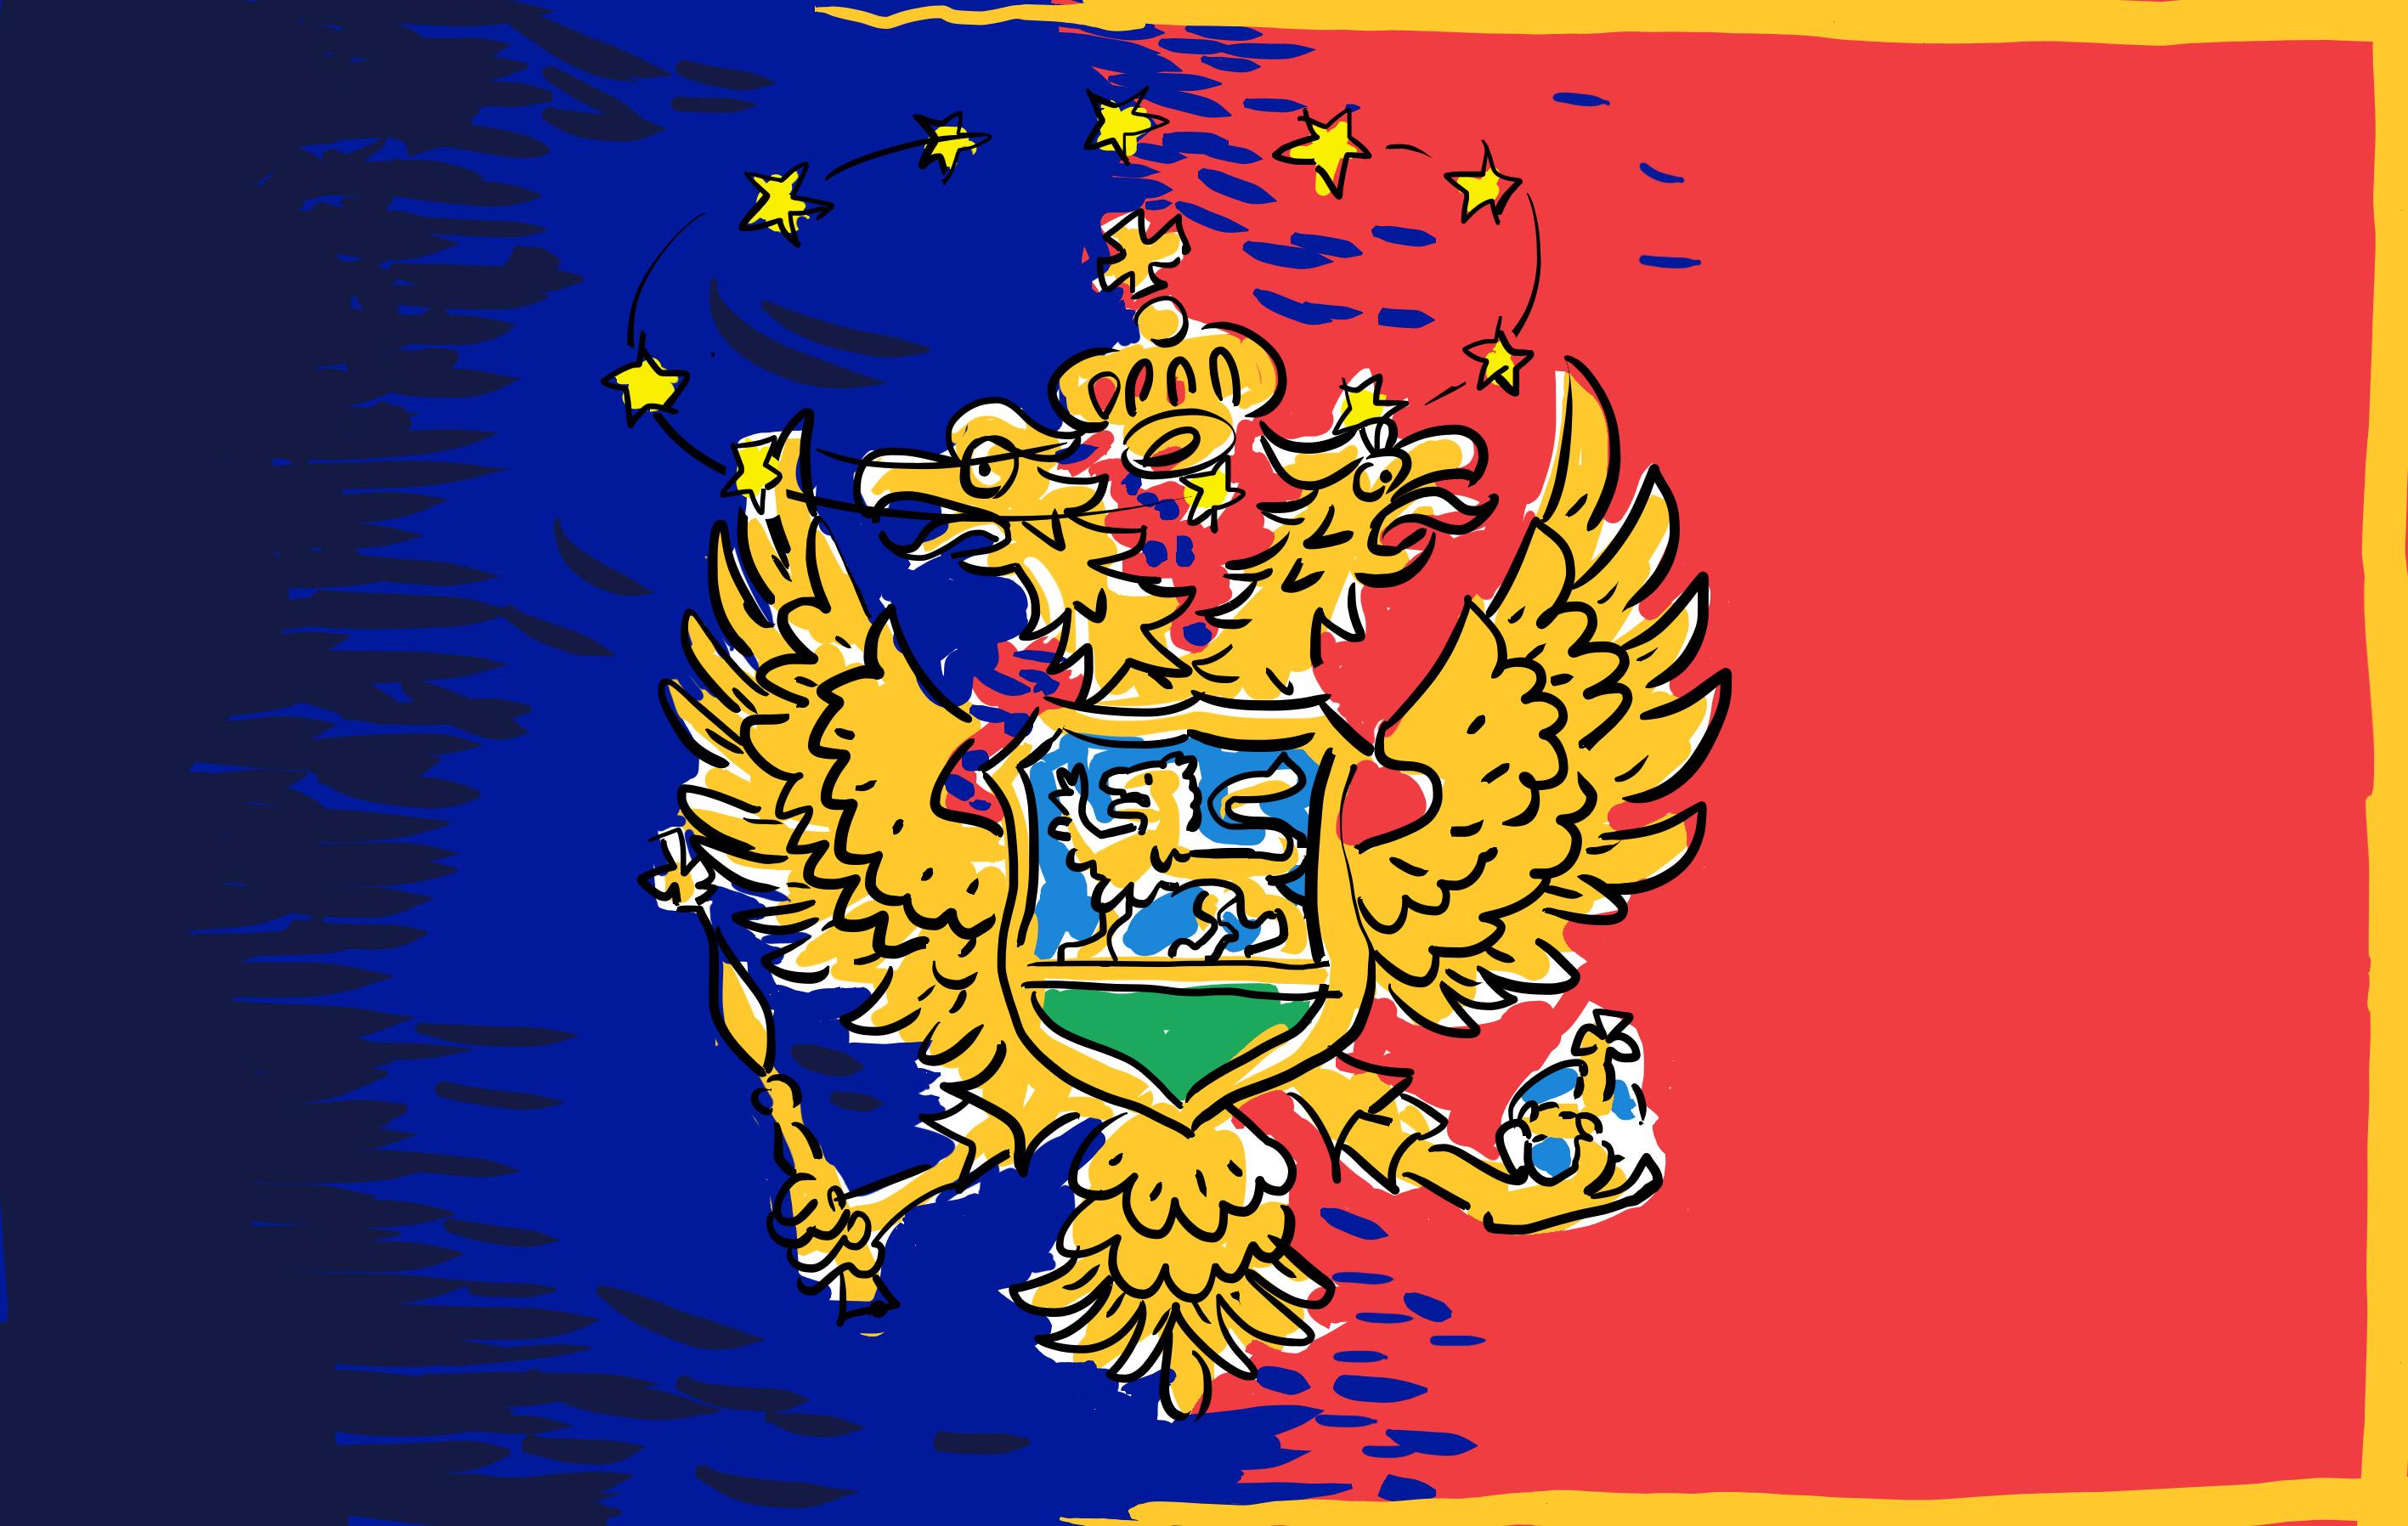 Стана известно, че  самият Алианс, включително генералният му секретар Йенс Столтенберг, поддържат кандидатурата на Черна гора.